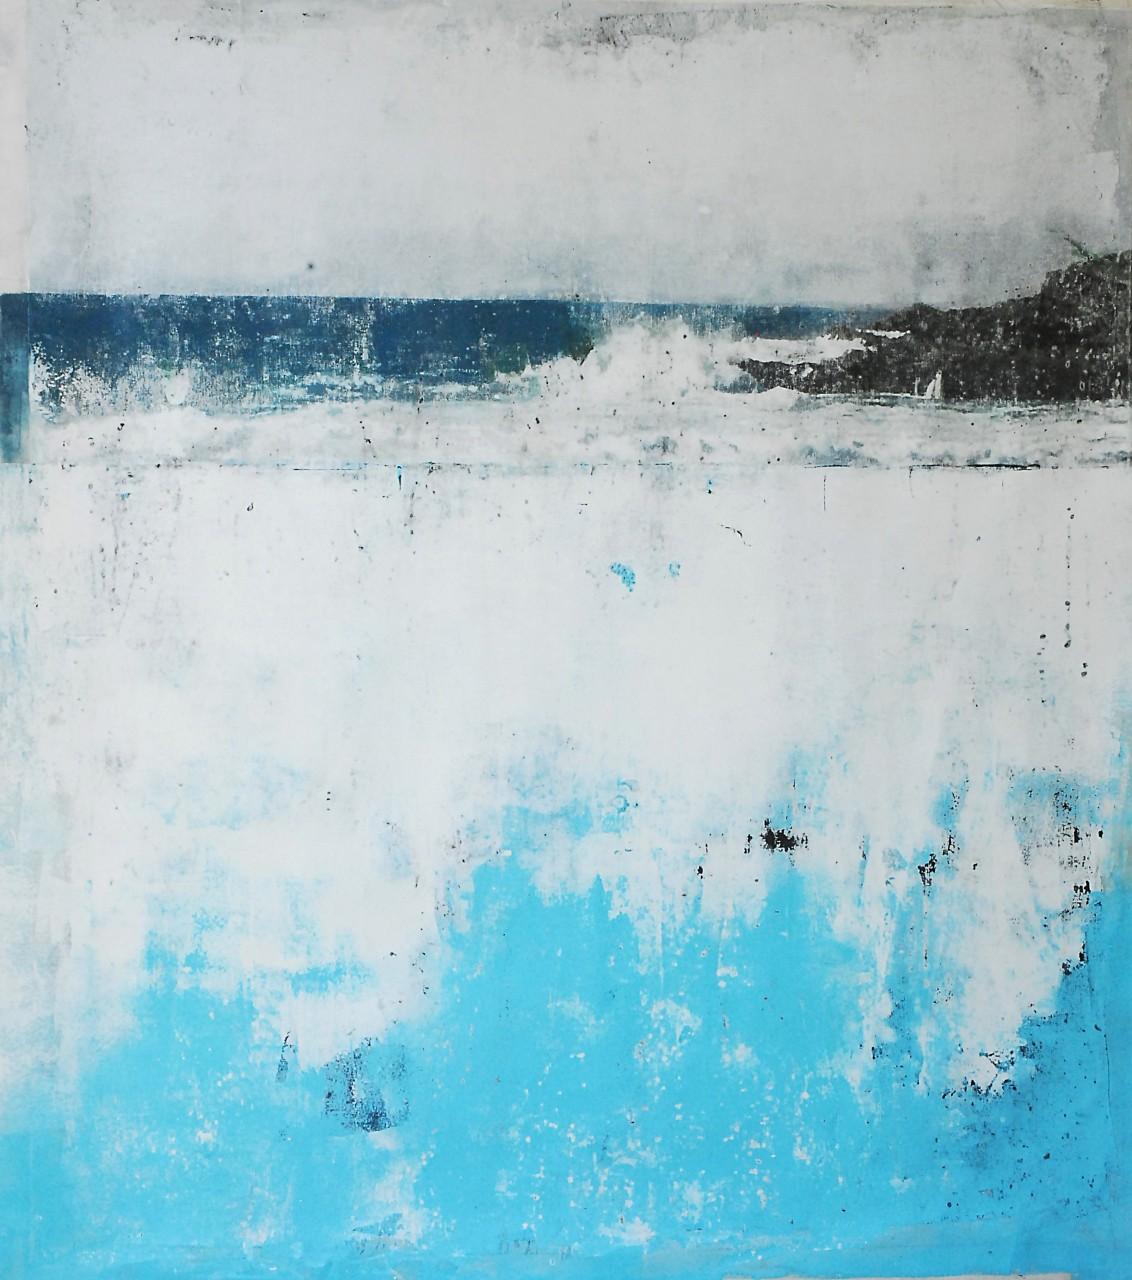 Assim como esta pintura, as obras do grupo Em Branco buscam sensibilizar o público para as questões relativas aos recursos hídricos e ao meio ambiente. (Foto: Divulgação)